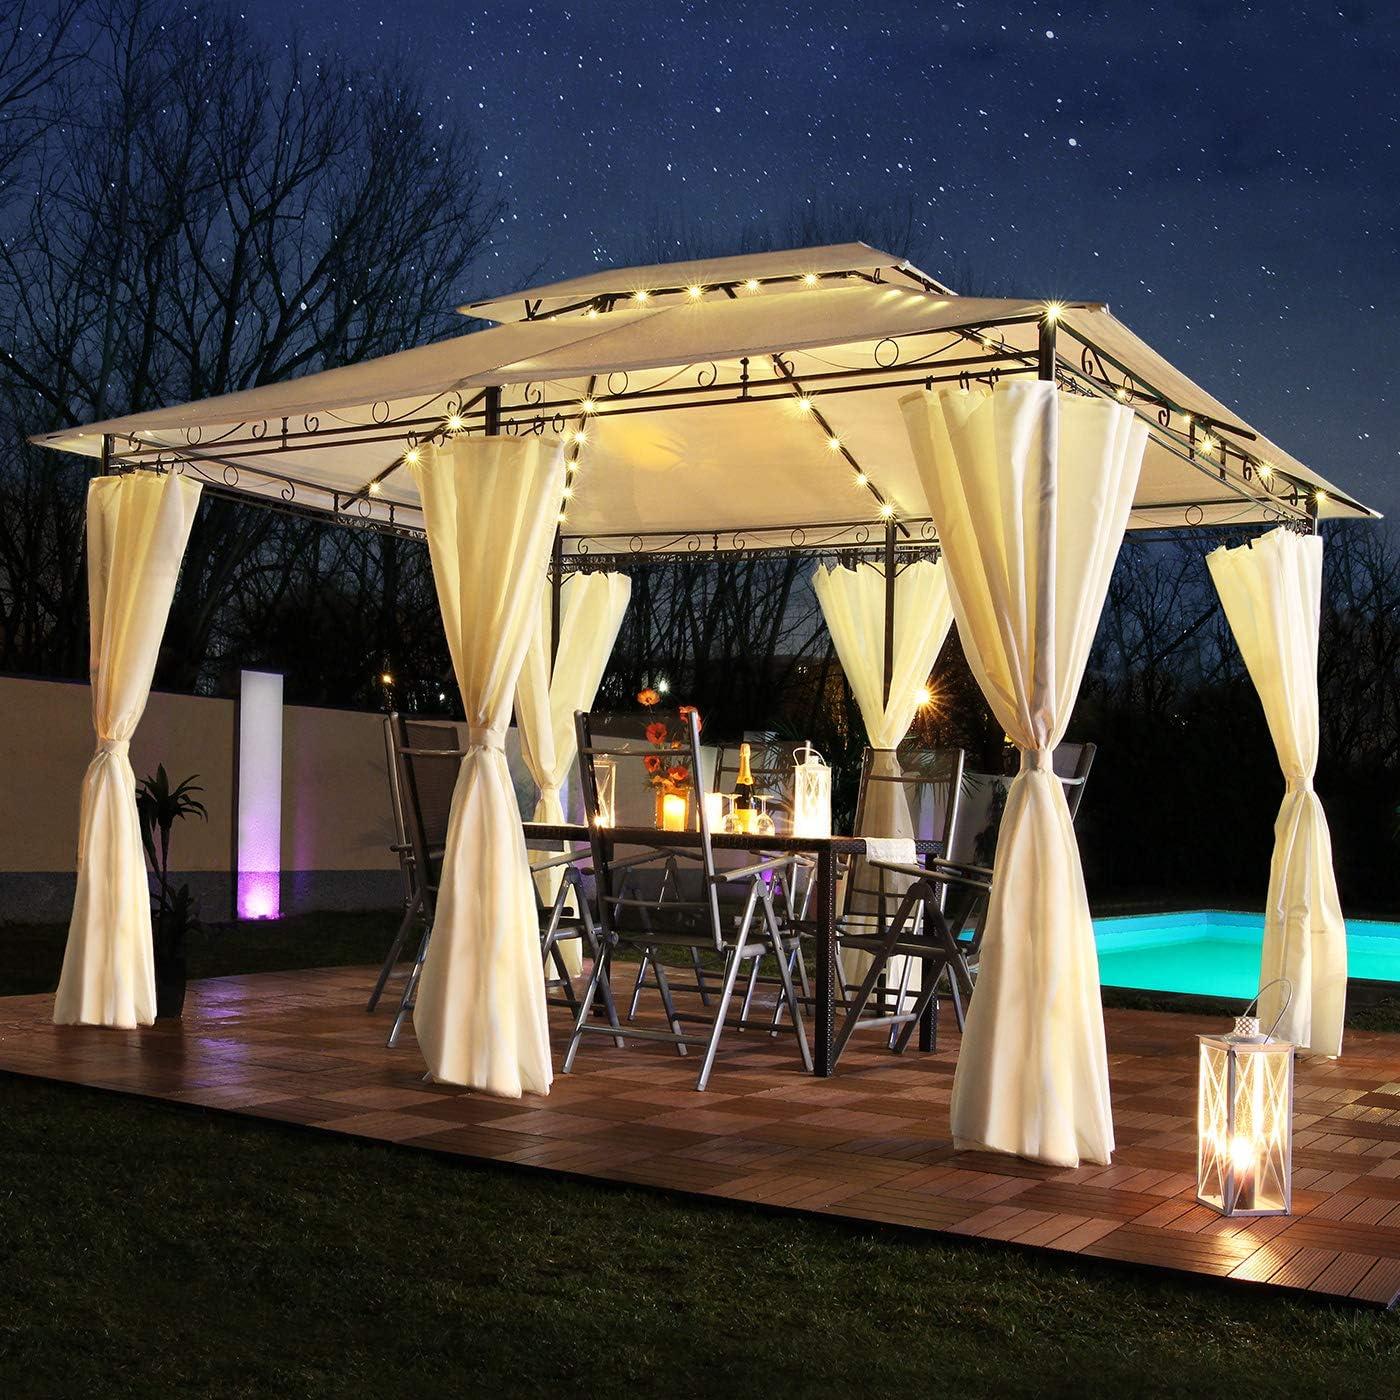 Swing & Harmonie Luxus LED – Cenador 3 x 4 m Minzo – Incluye Paredes Laterales con iluminación LED + módulo Solar de diseño cenador Opcional con mosquitera para jardín Tienda de